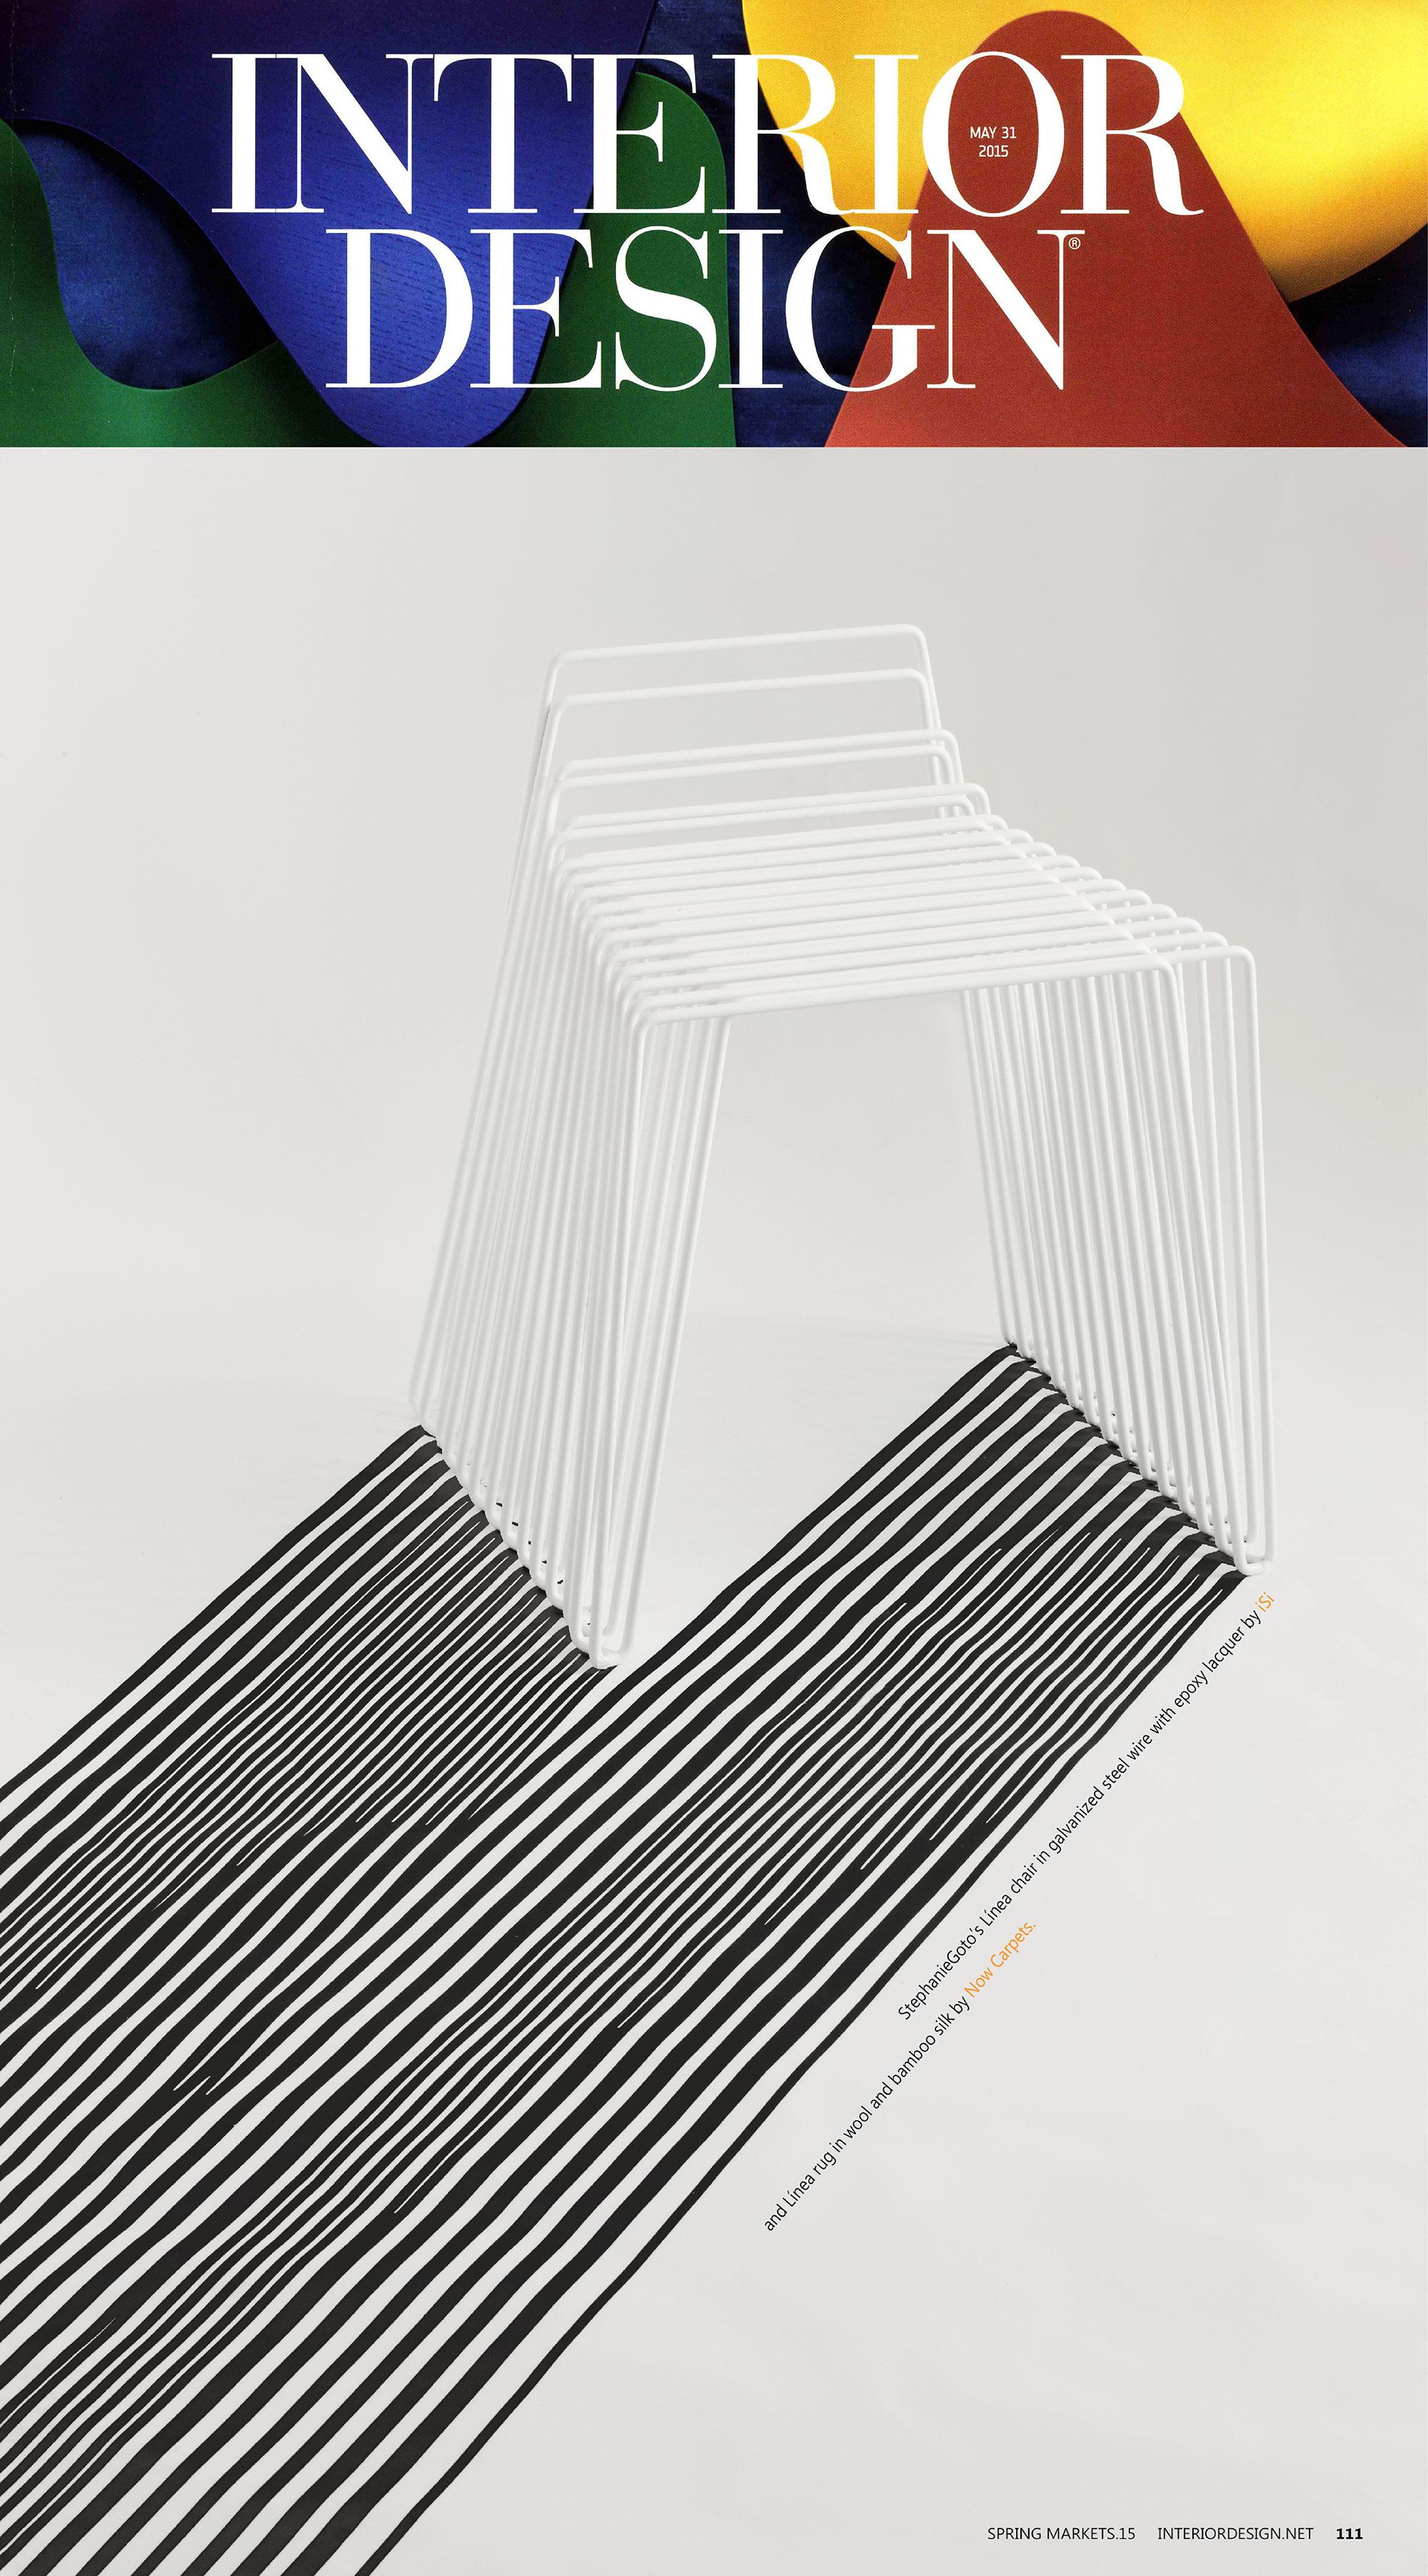 18-2014-10-ISI-Interior-Design.jpg